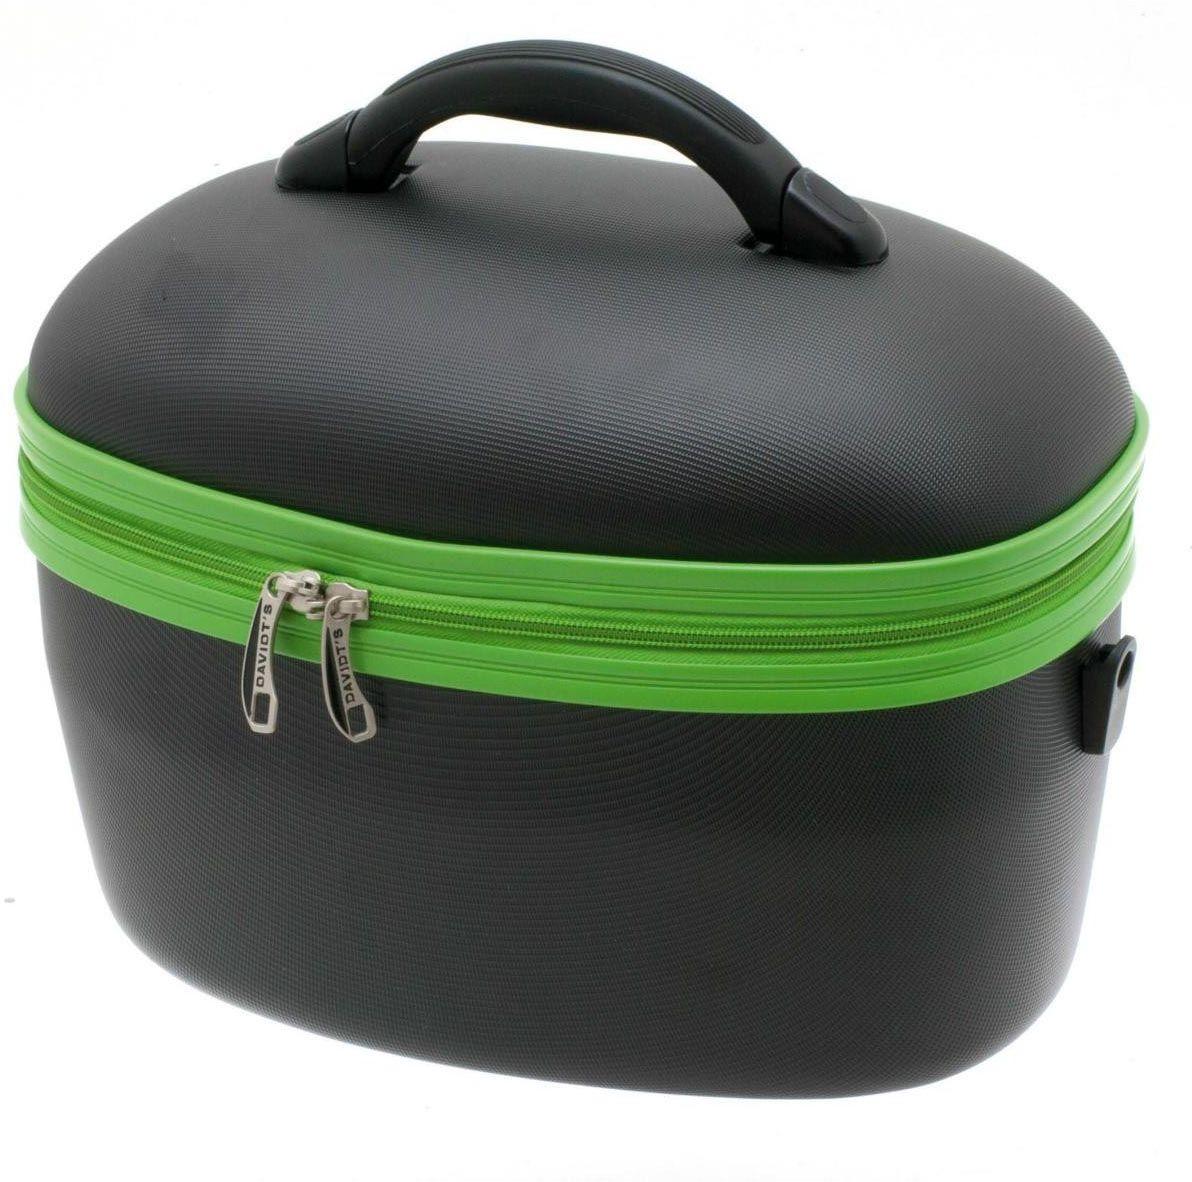 Beauty Case DAVIDTS 267149-16 Μαύρο/Πράσινο